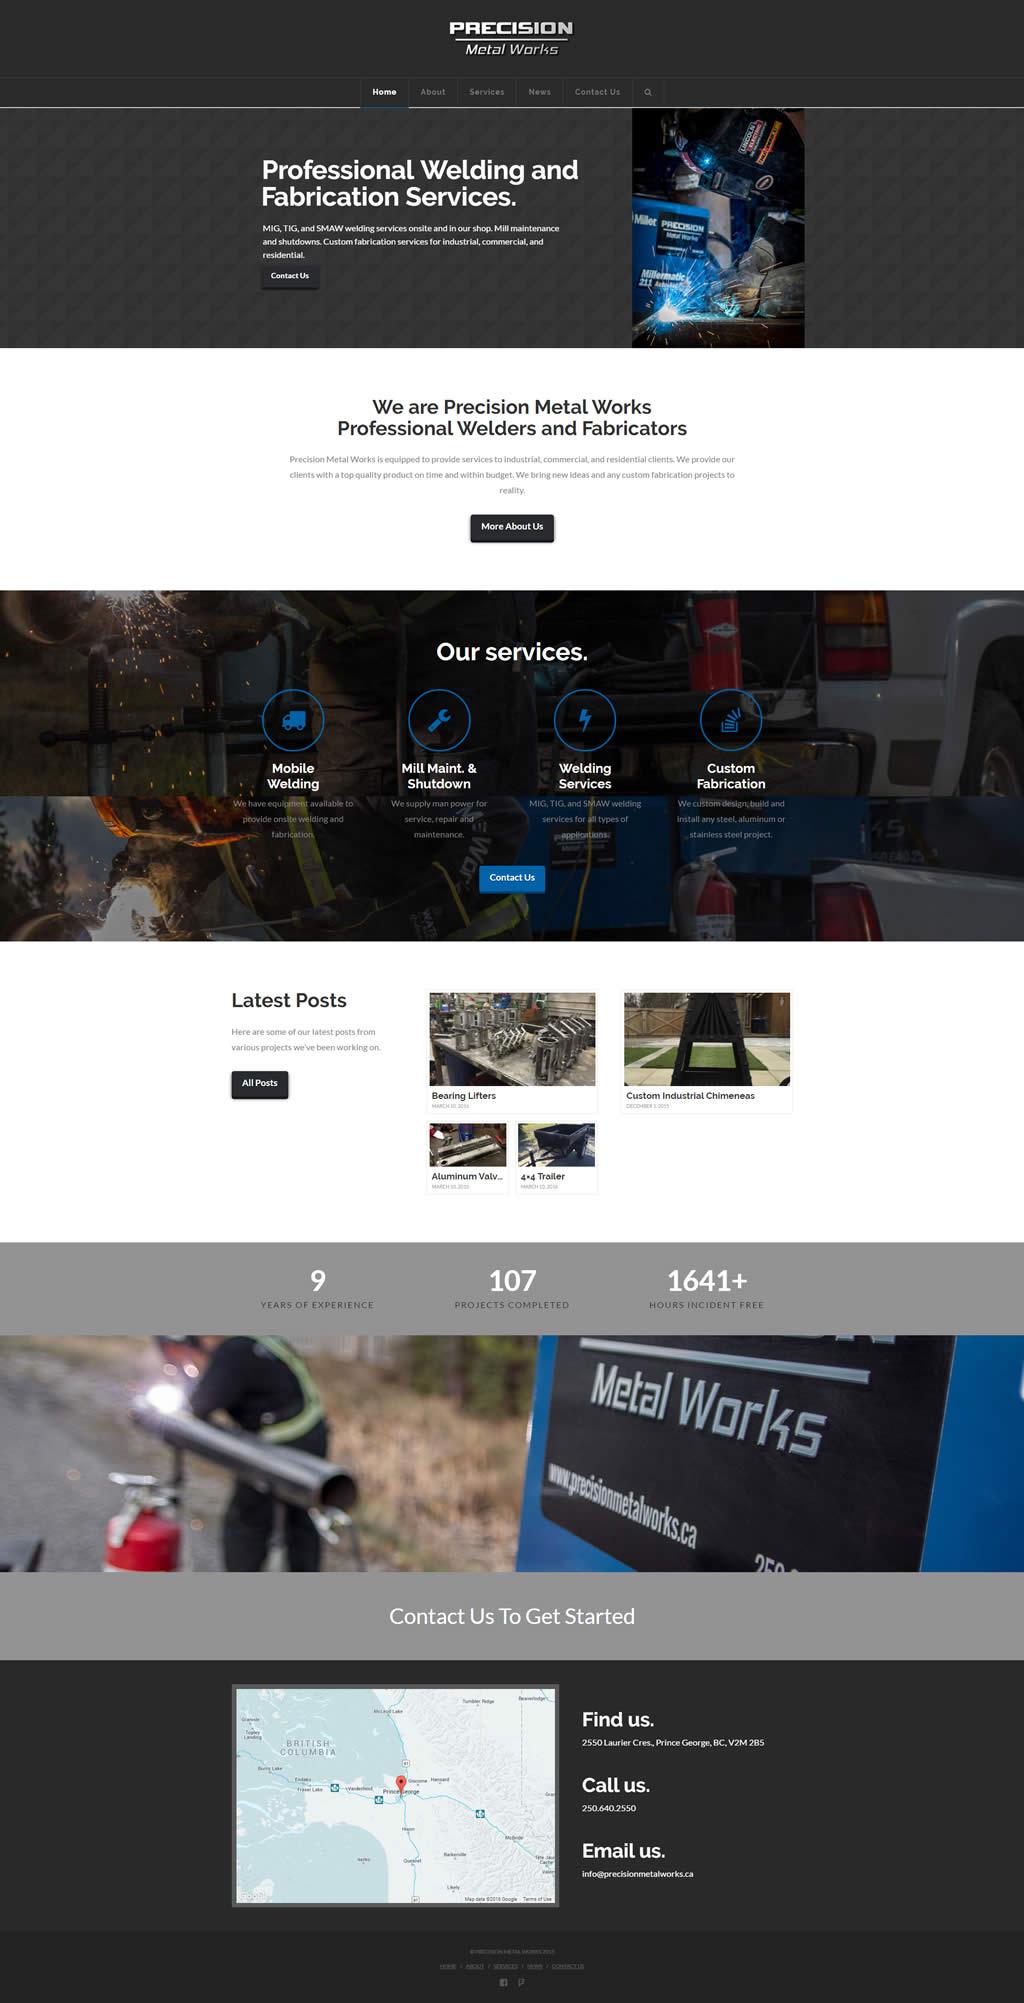 precisionmetalworks-home